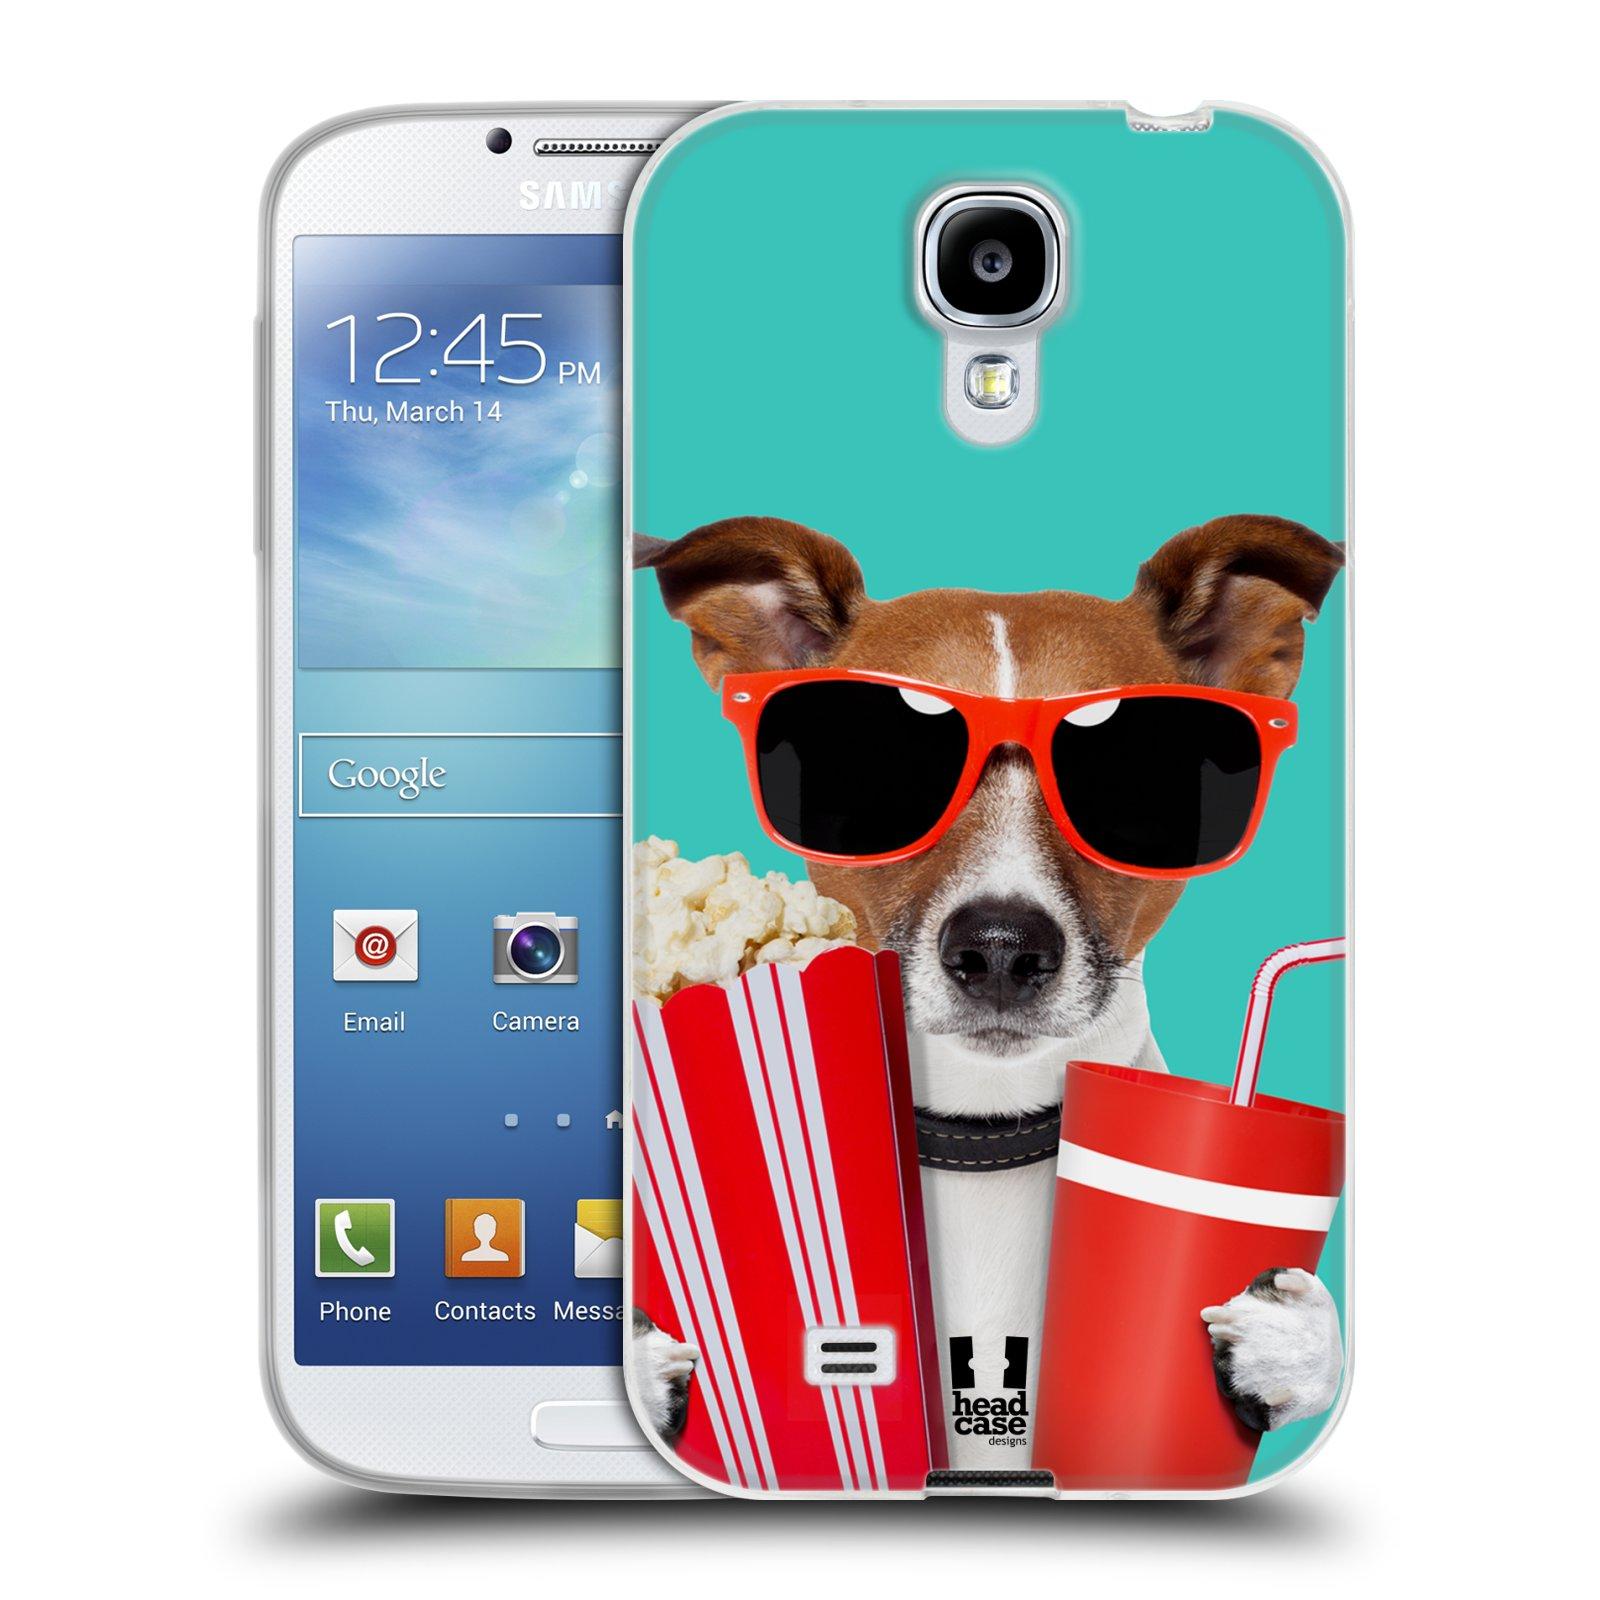 HEAD CASE silikonový obal na mobil Samsung Galaxy S4 i9500 vzor Legrační zvířátka pejsek v kině s popkornem